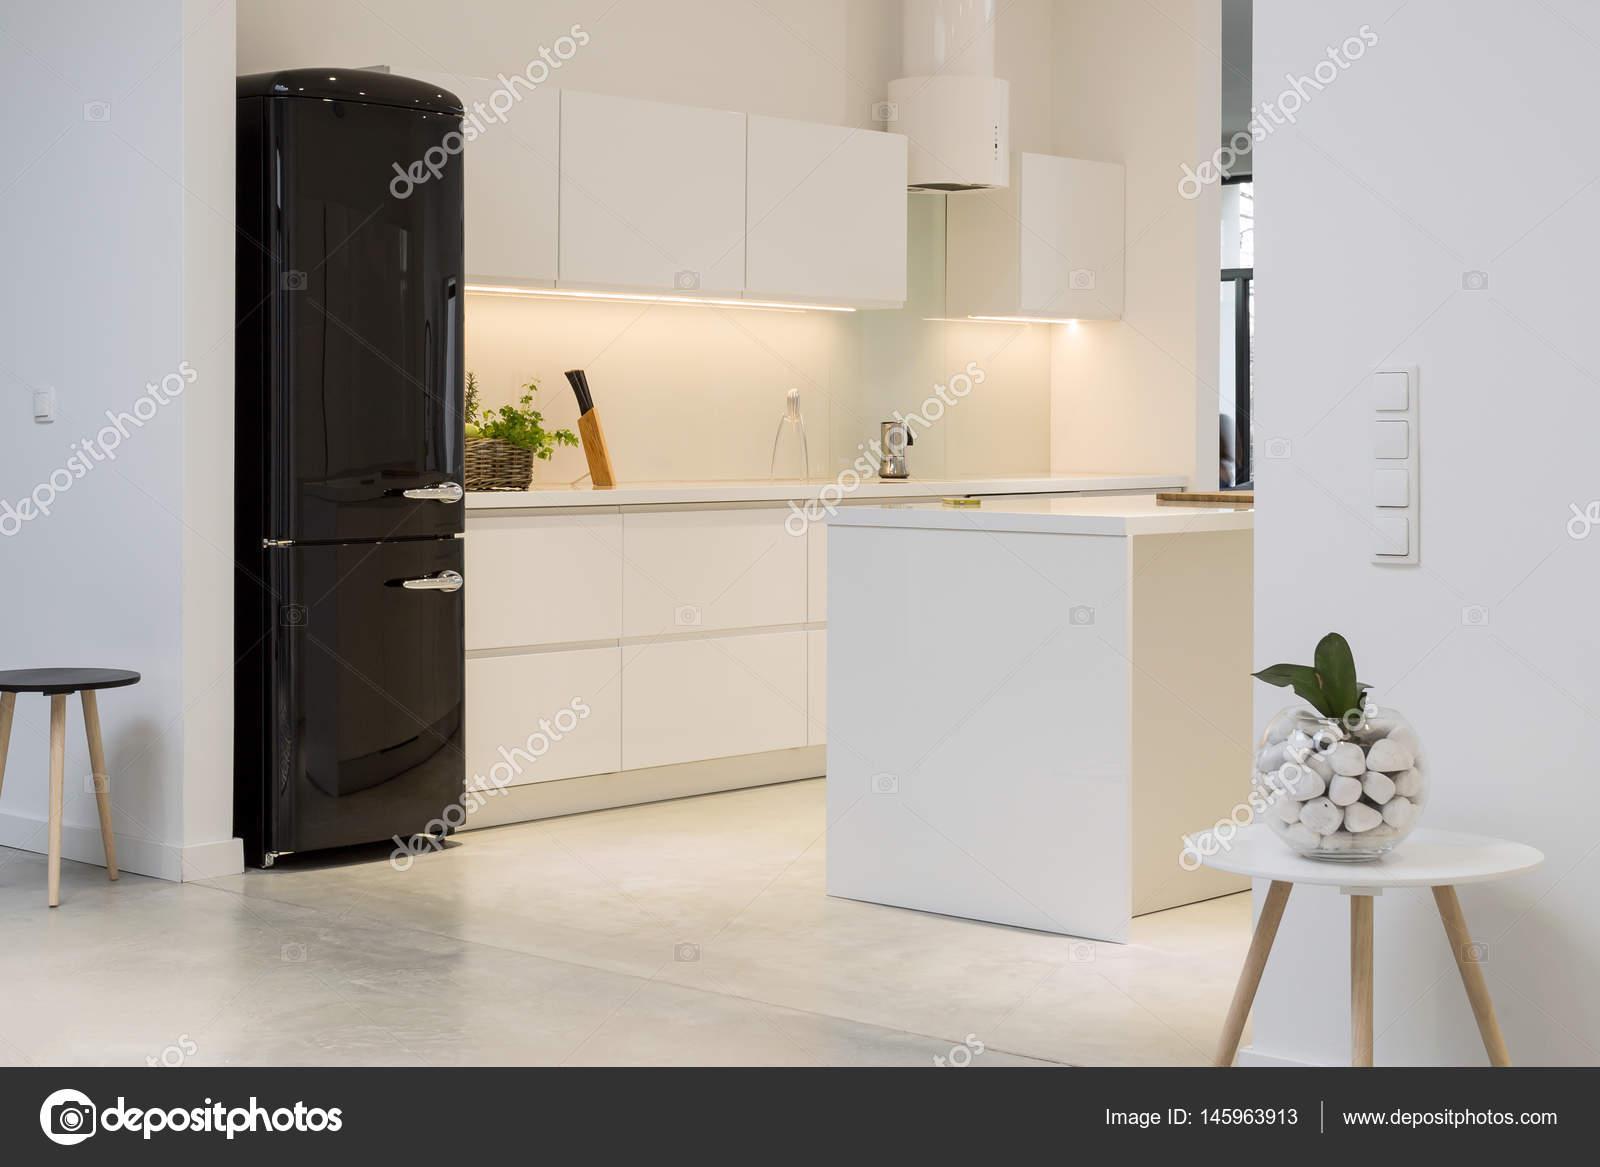 Witte Minimalistische Woonkeuken : Witte keuken met zwart koelkast u stockfoto photographee eu